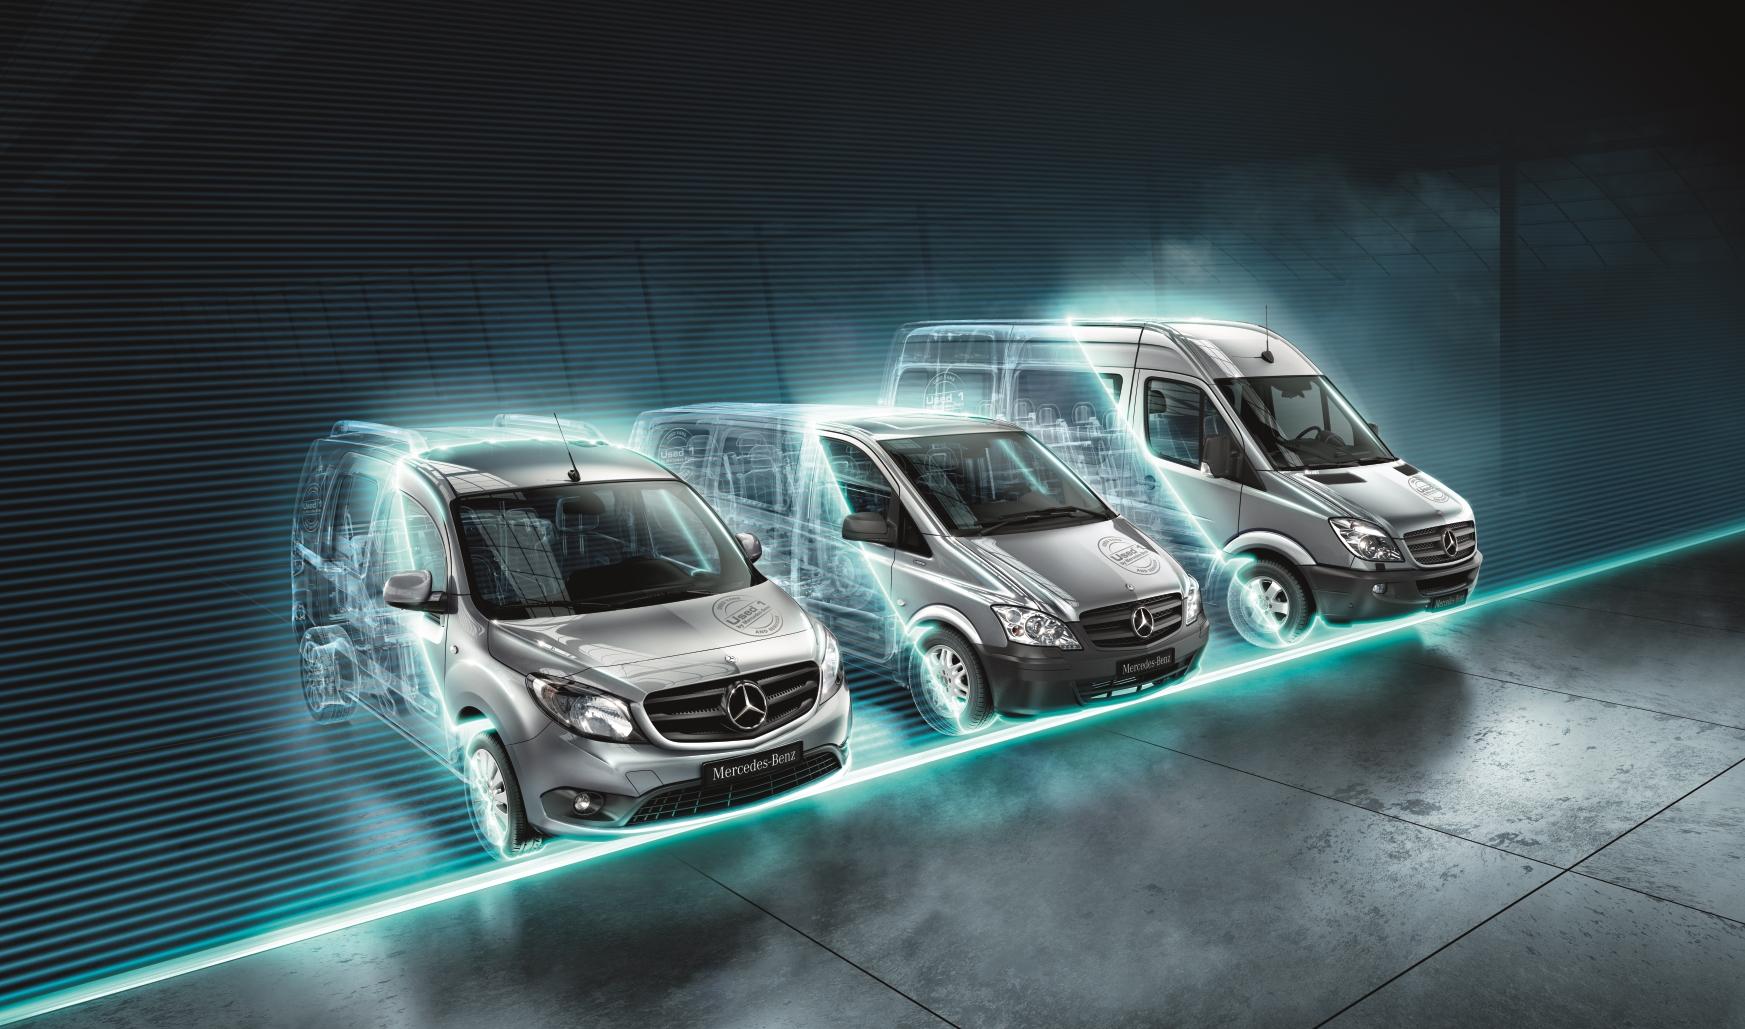 Mercedes benz vernieuwt website used 1 for Website mercedes benz